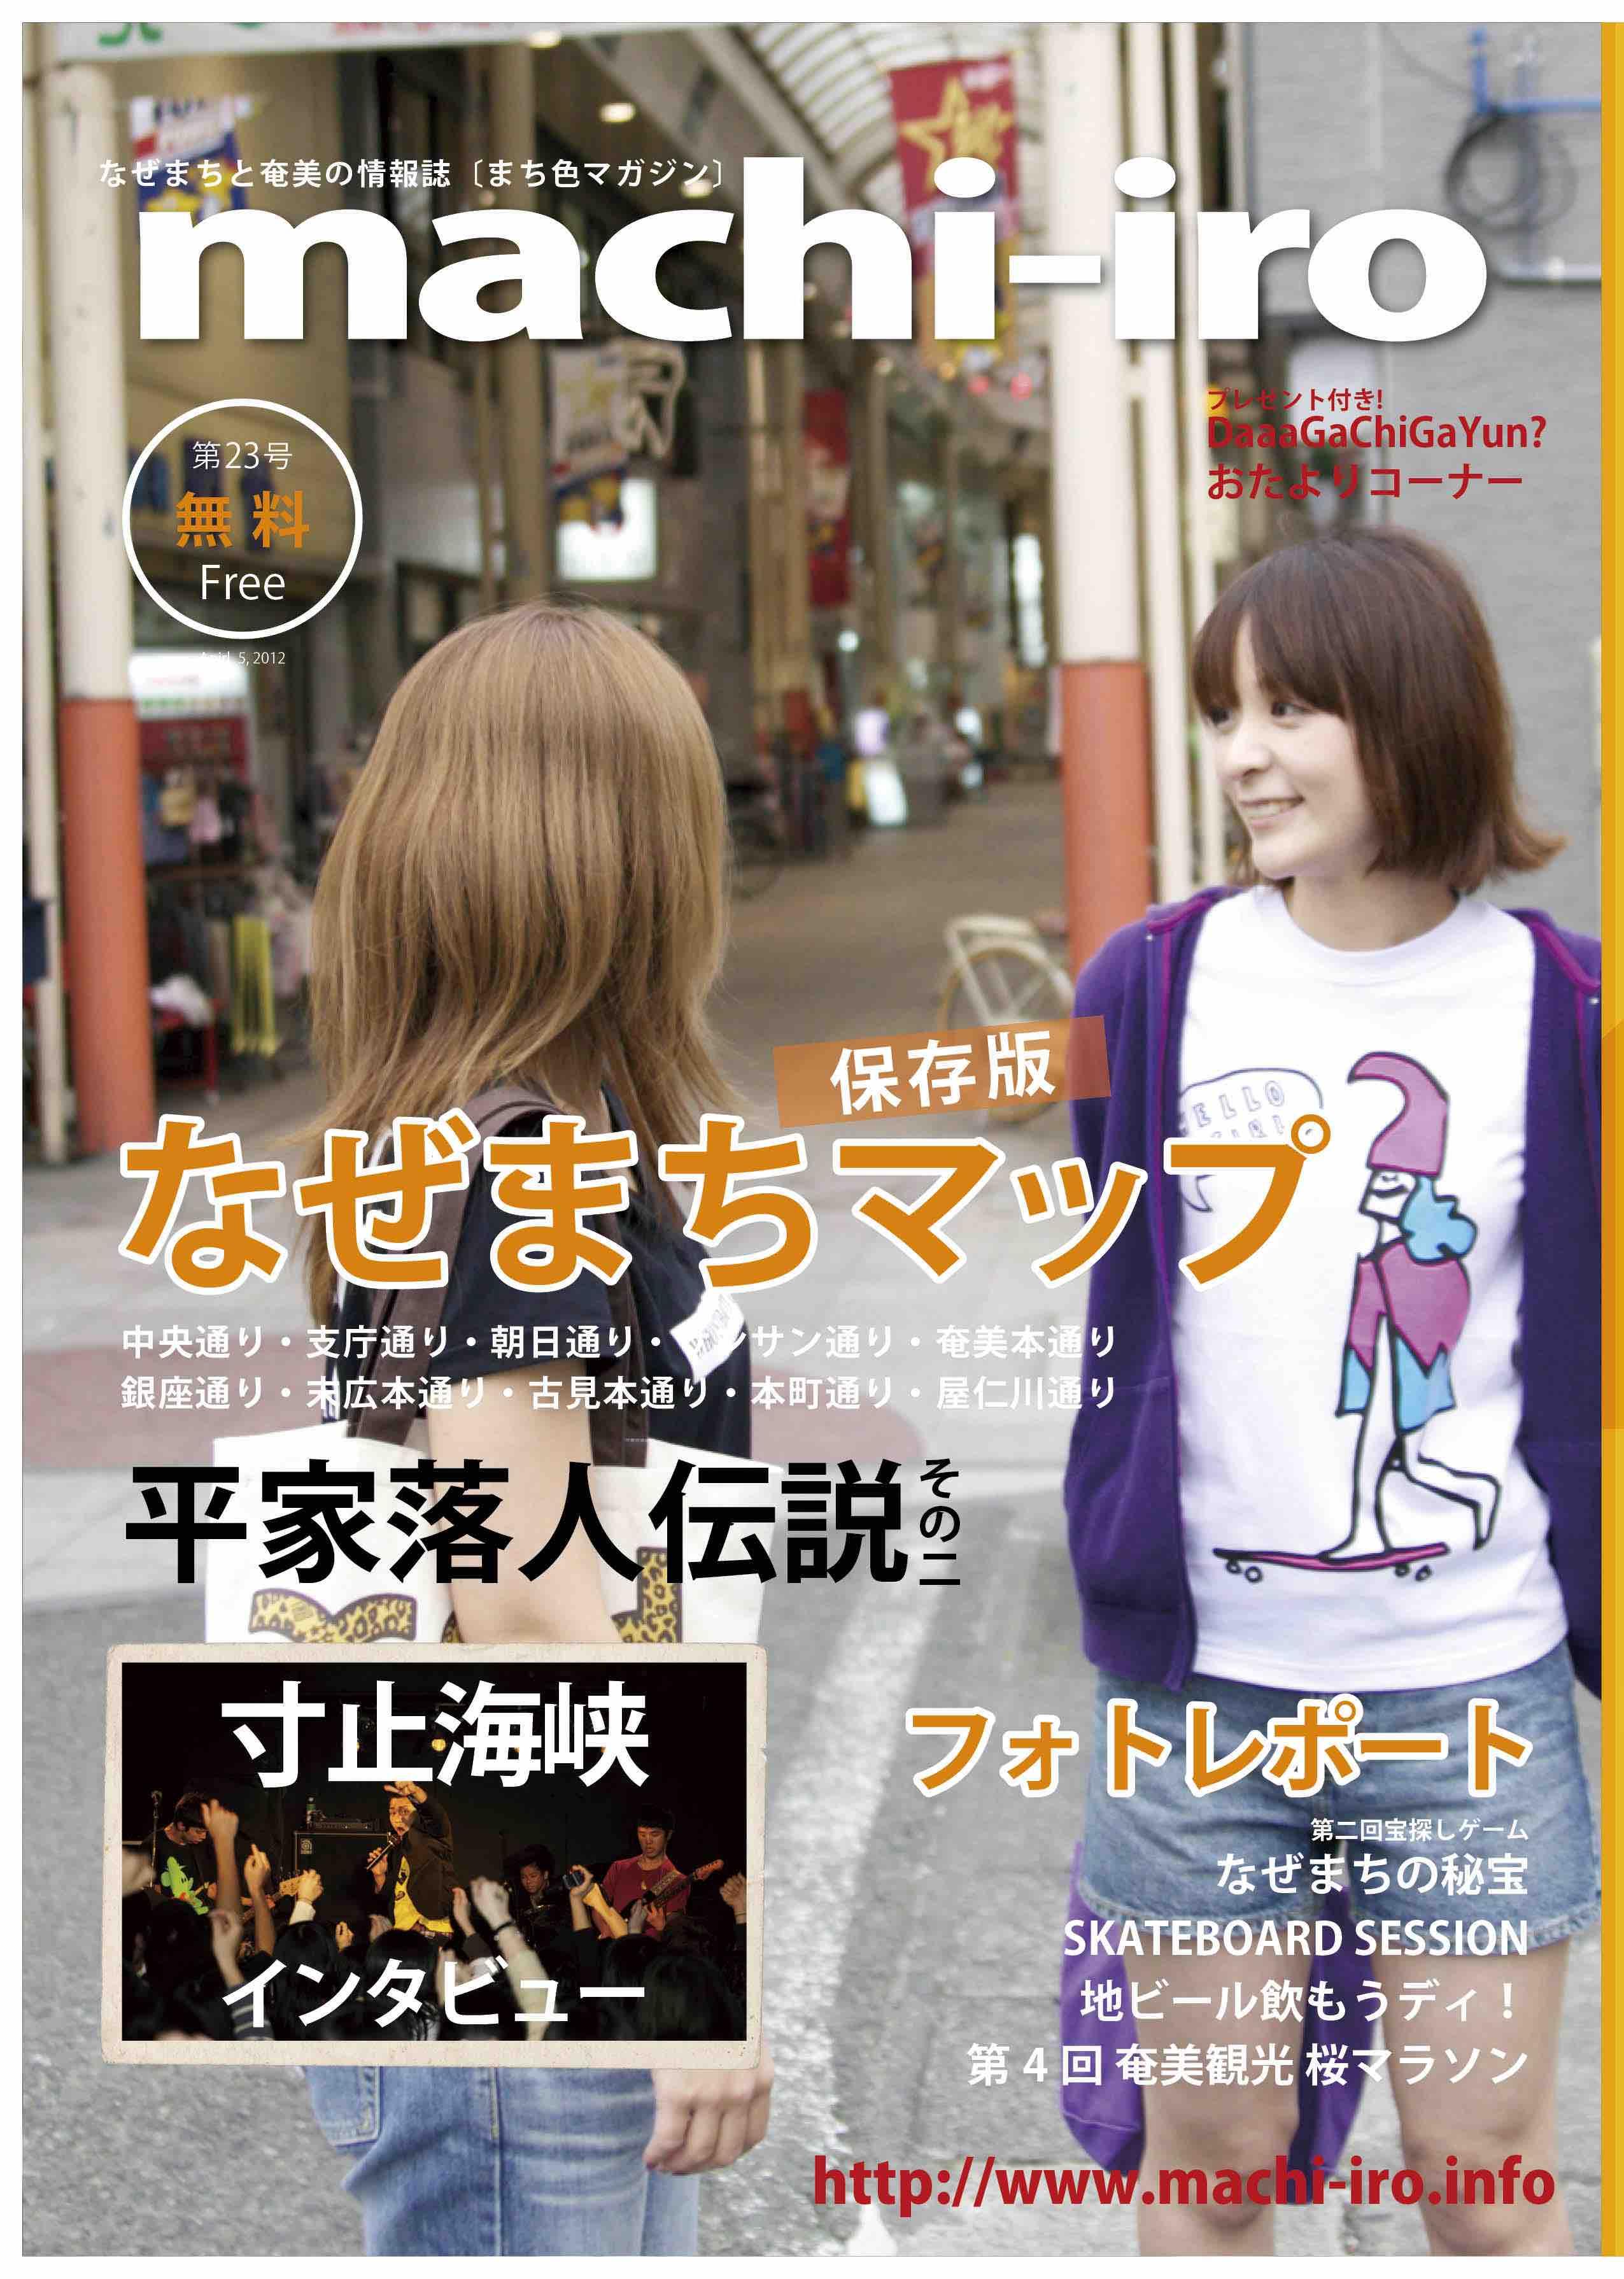 machi-iro magazine #23